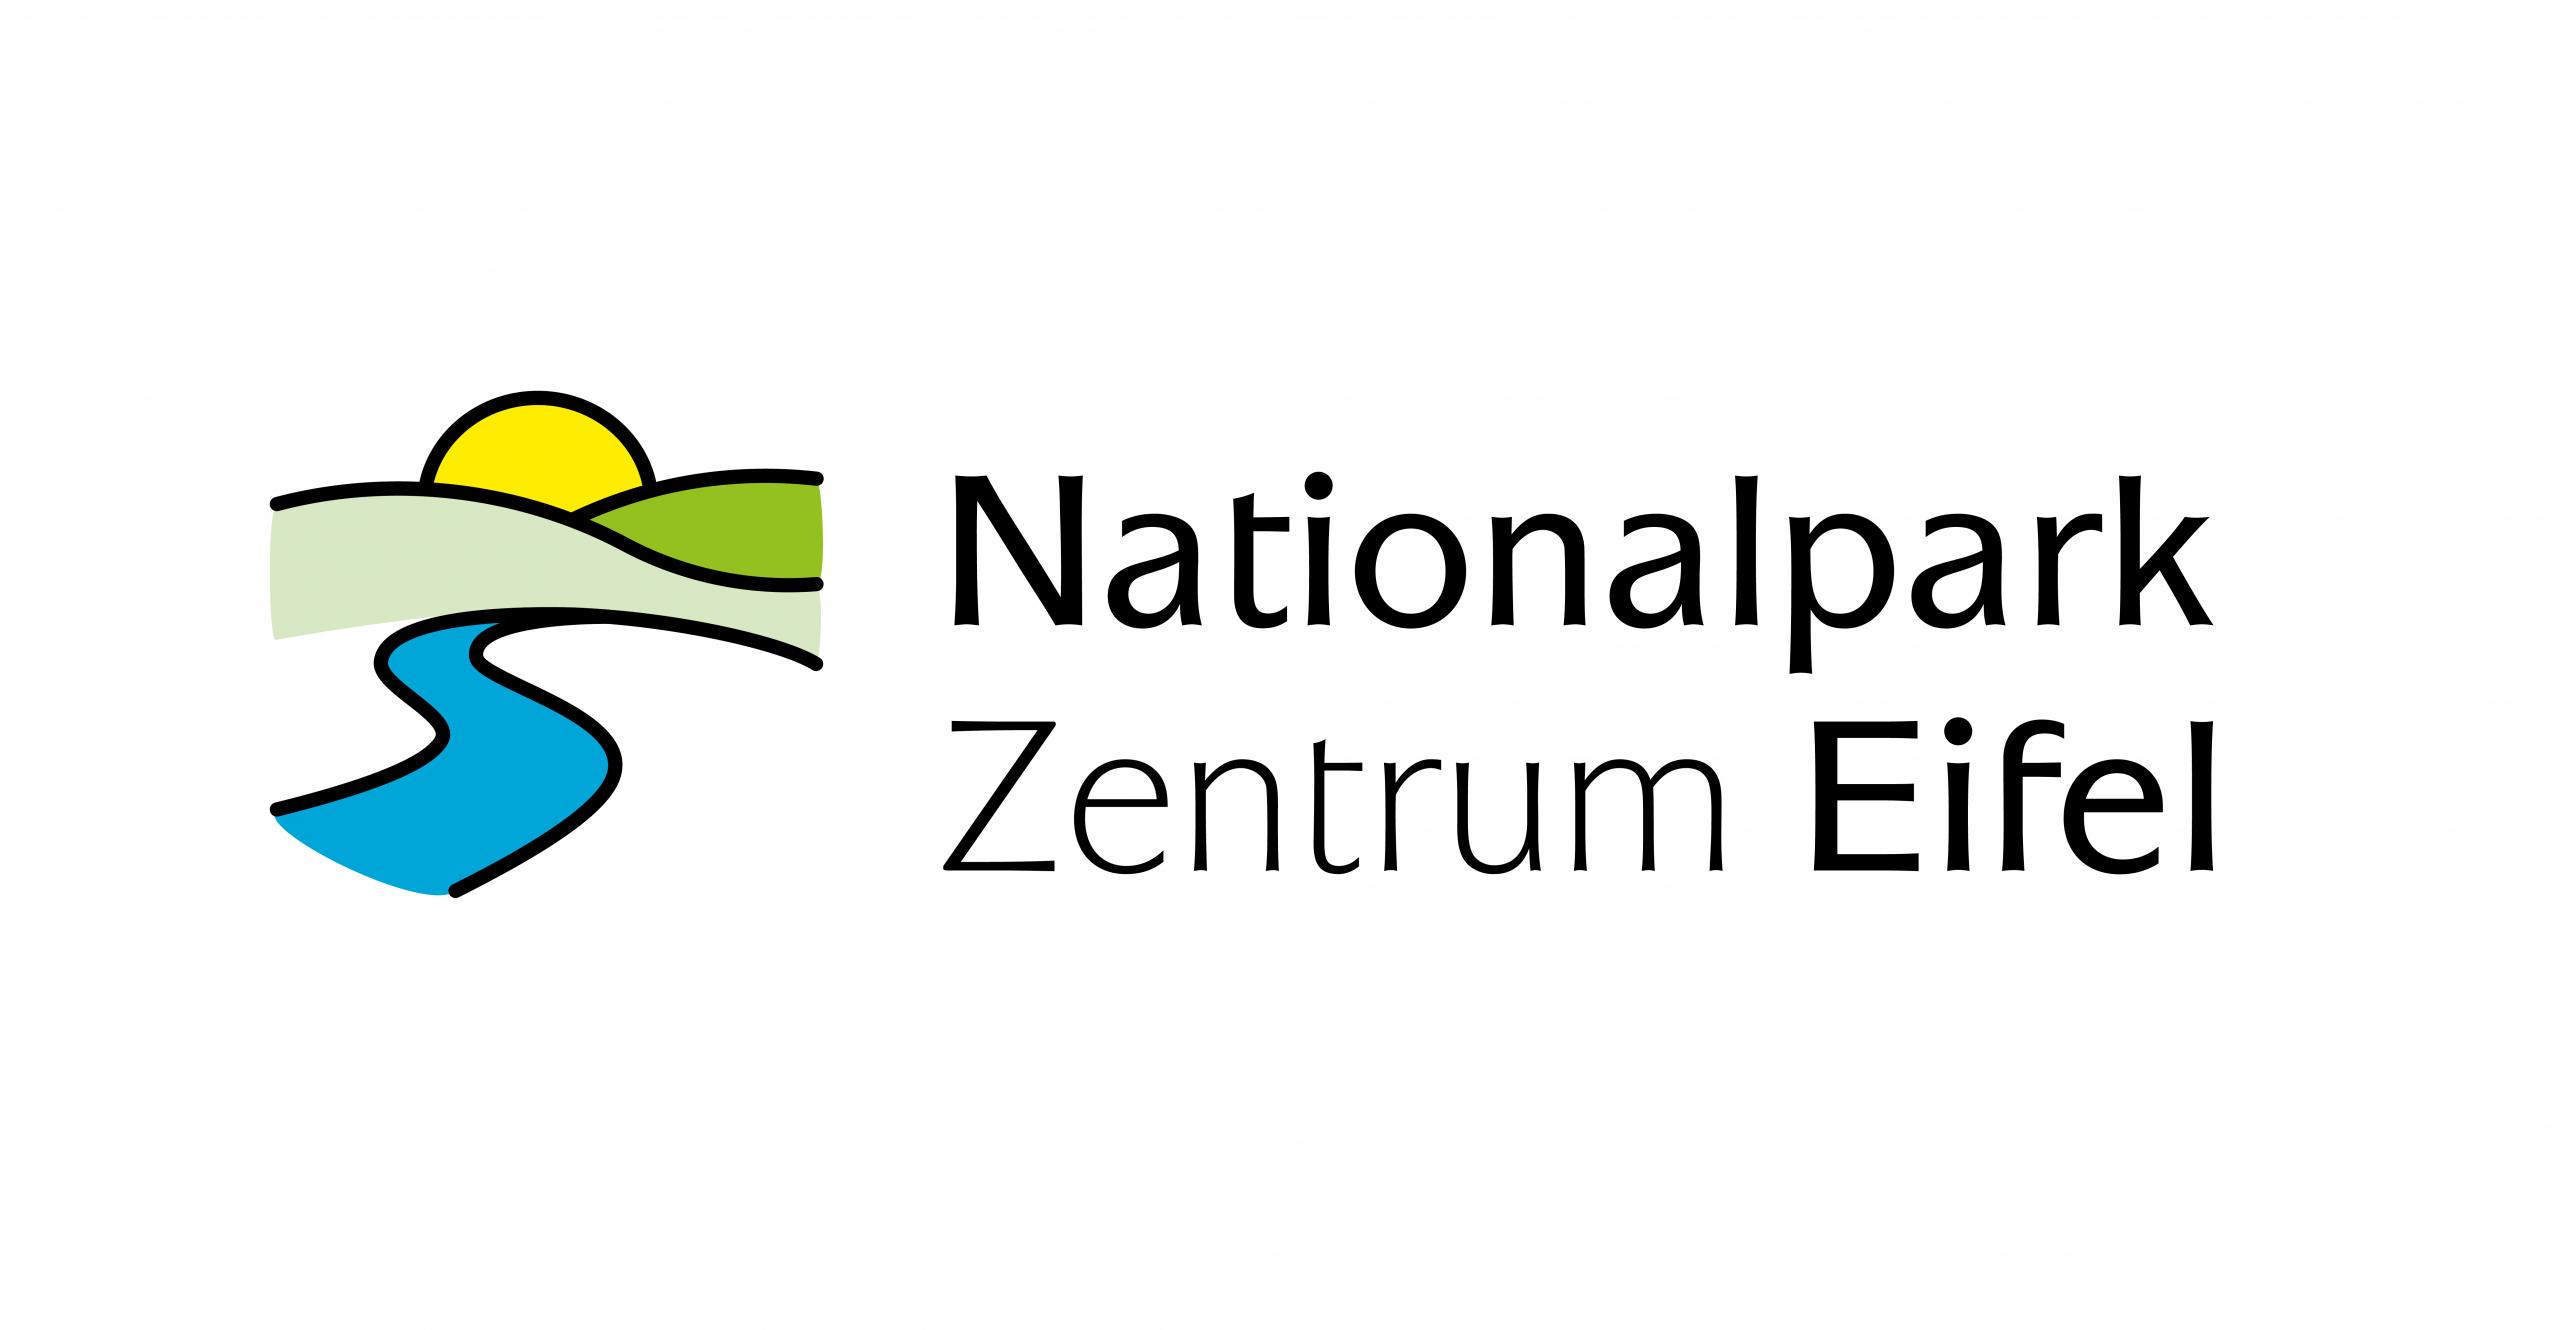 Nationalpark Zentrum Eifel